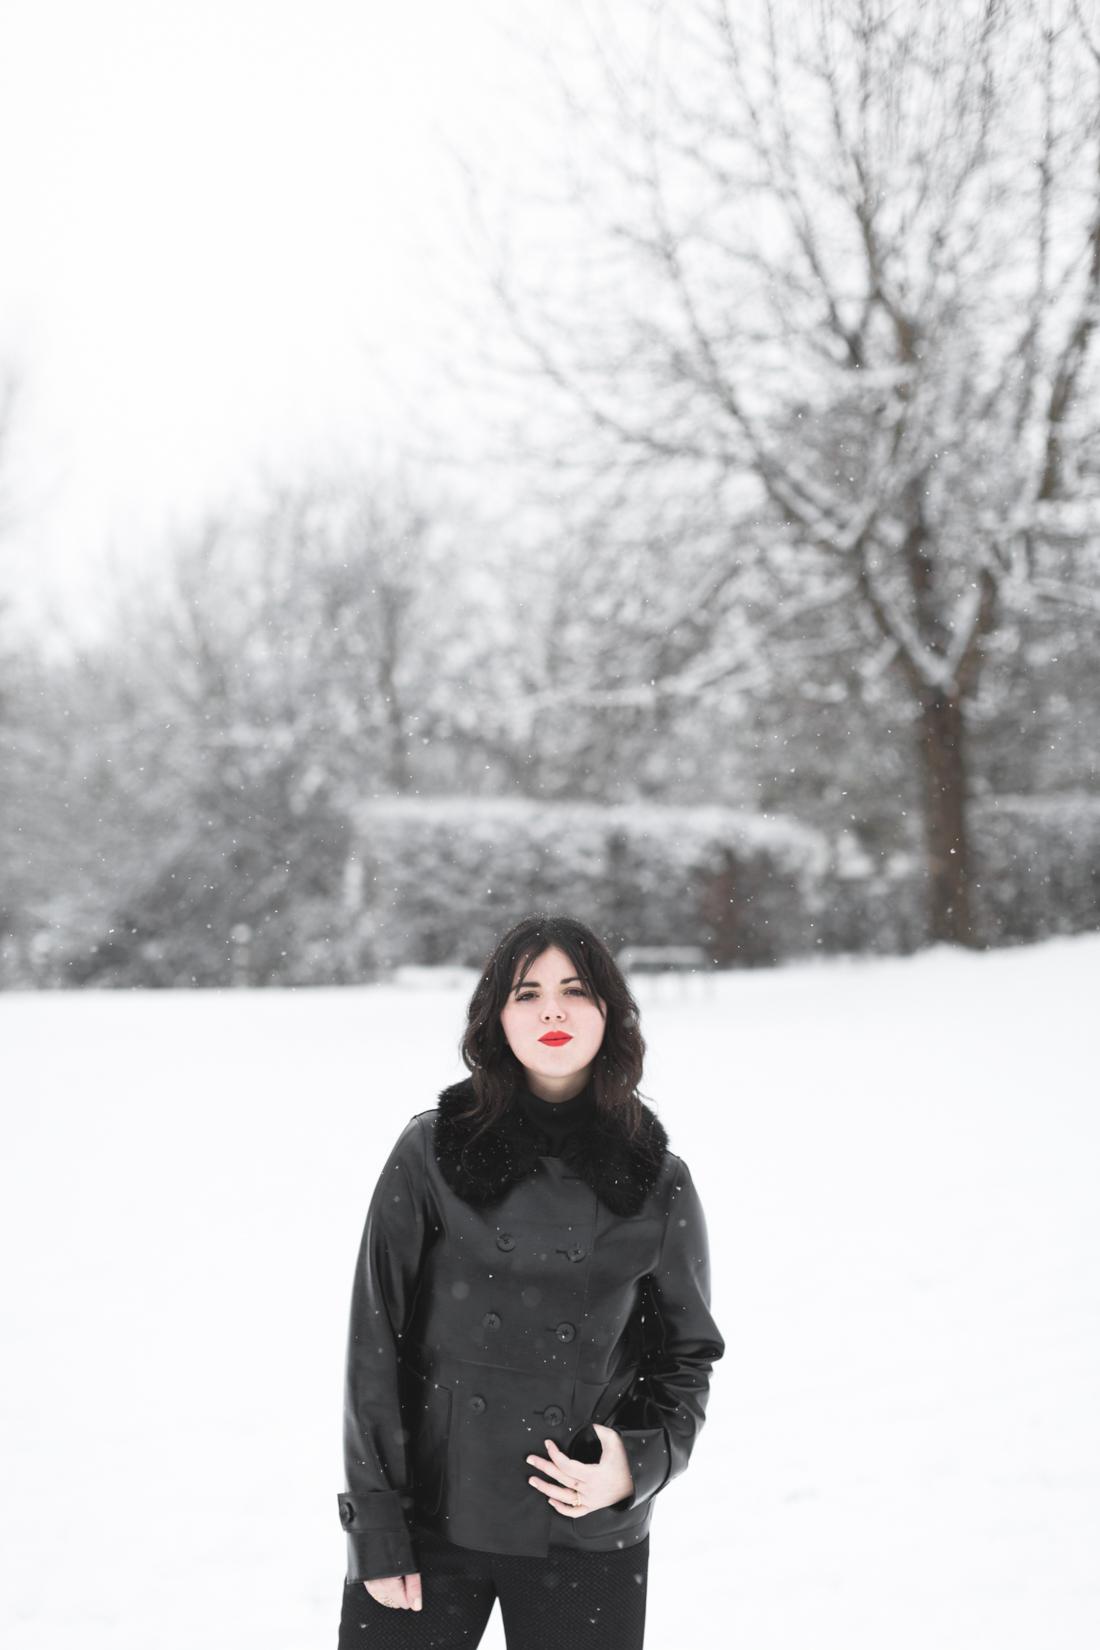 soldes-hiver-1_2_3_paris_copyright_pauline_paulinefashionblog_com-1-2